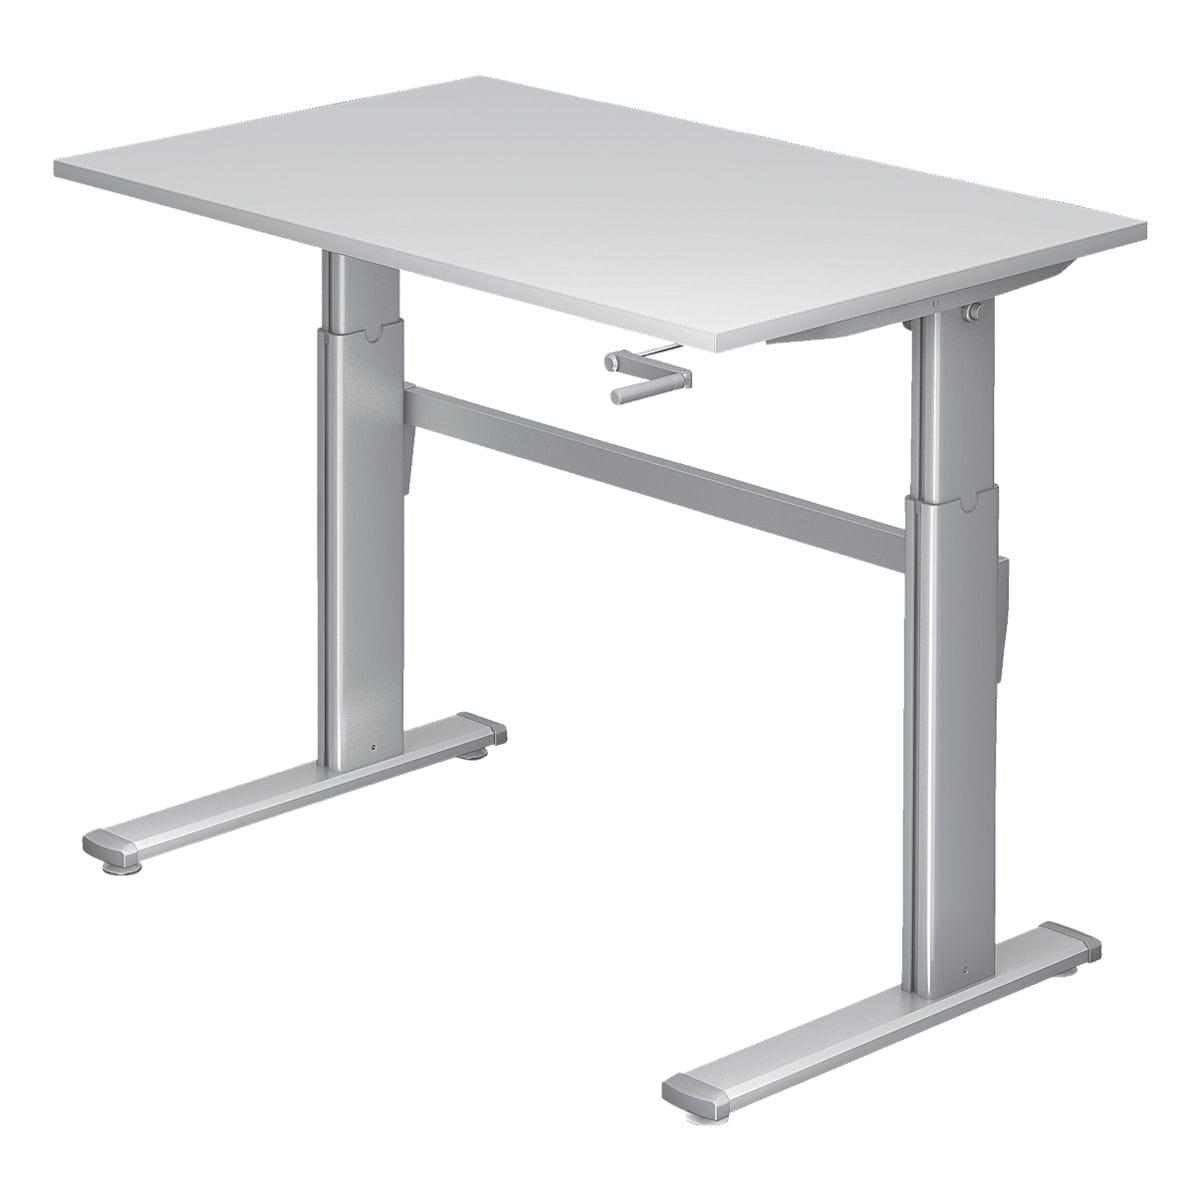 hammerbacher schreibtisch h henverstellbar manuell upper desk 120 cm c fu alufarben bei. Black Bedroom Furniture Sets. Home Design Ideas